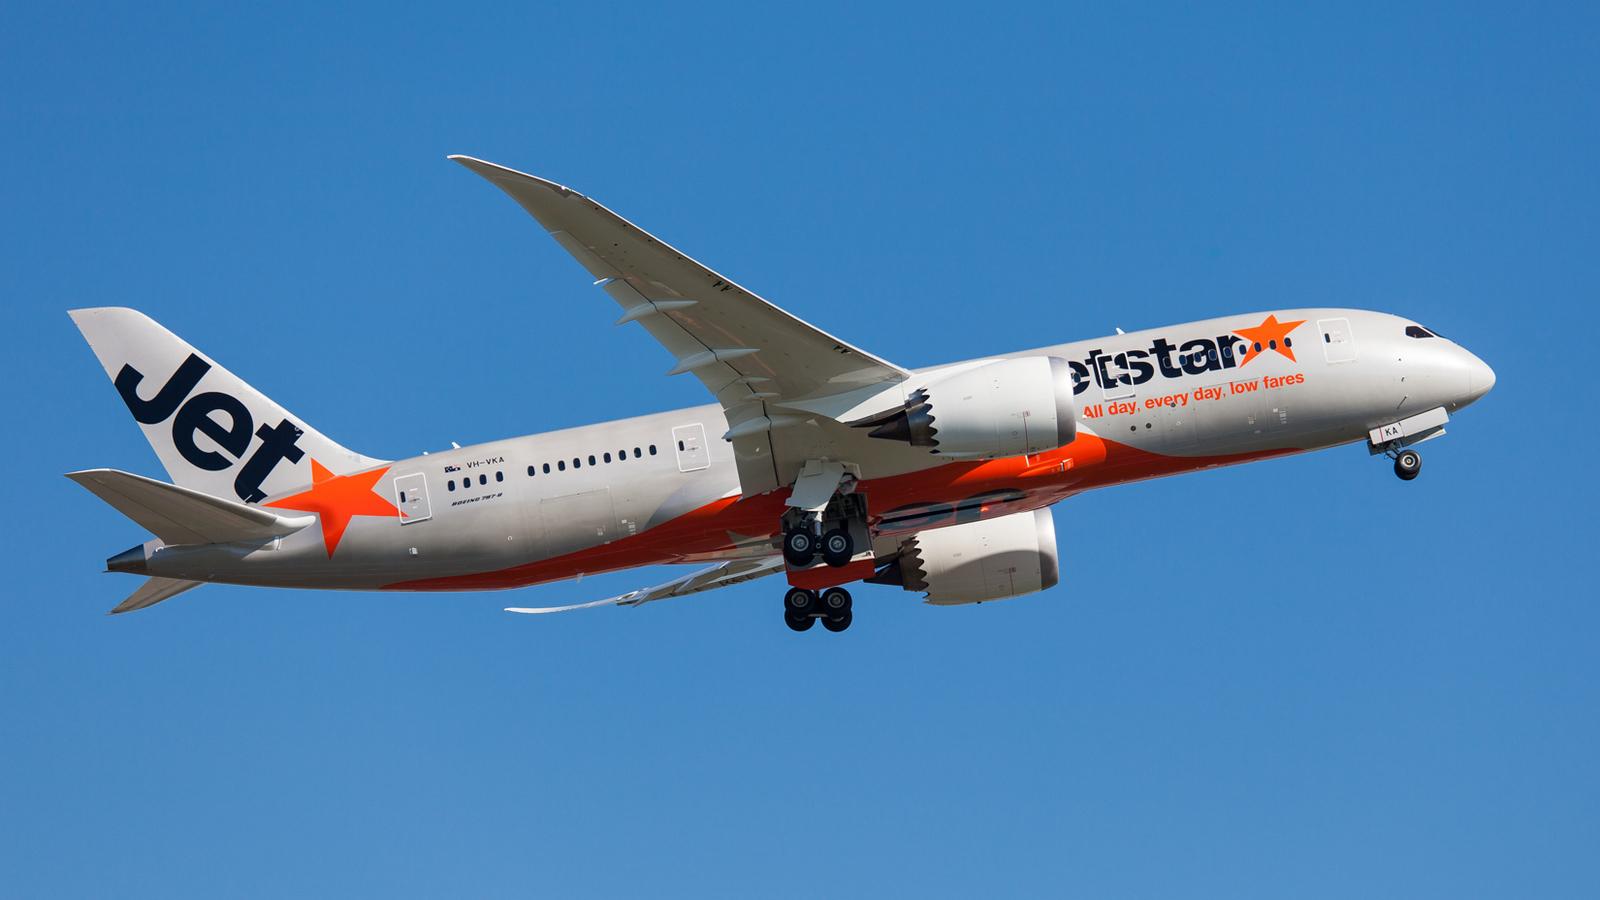 Jetstar Dreamliner Boeing 787